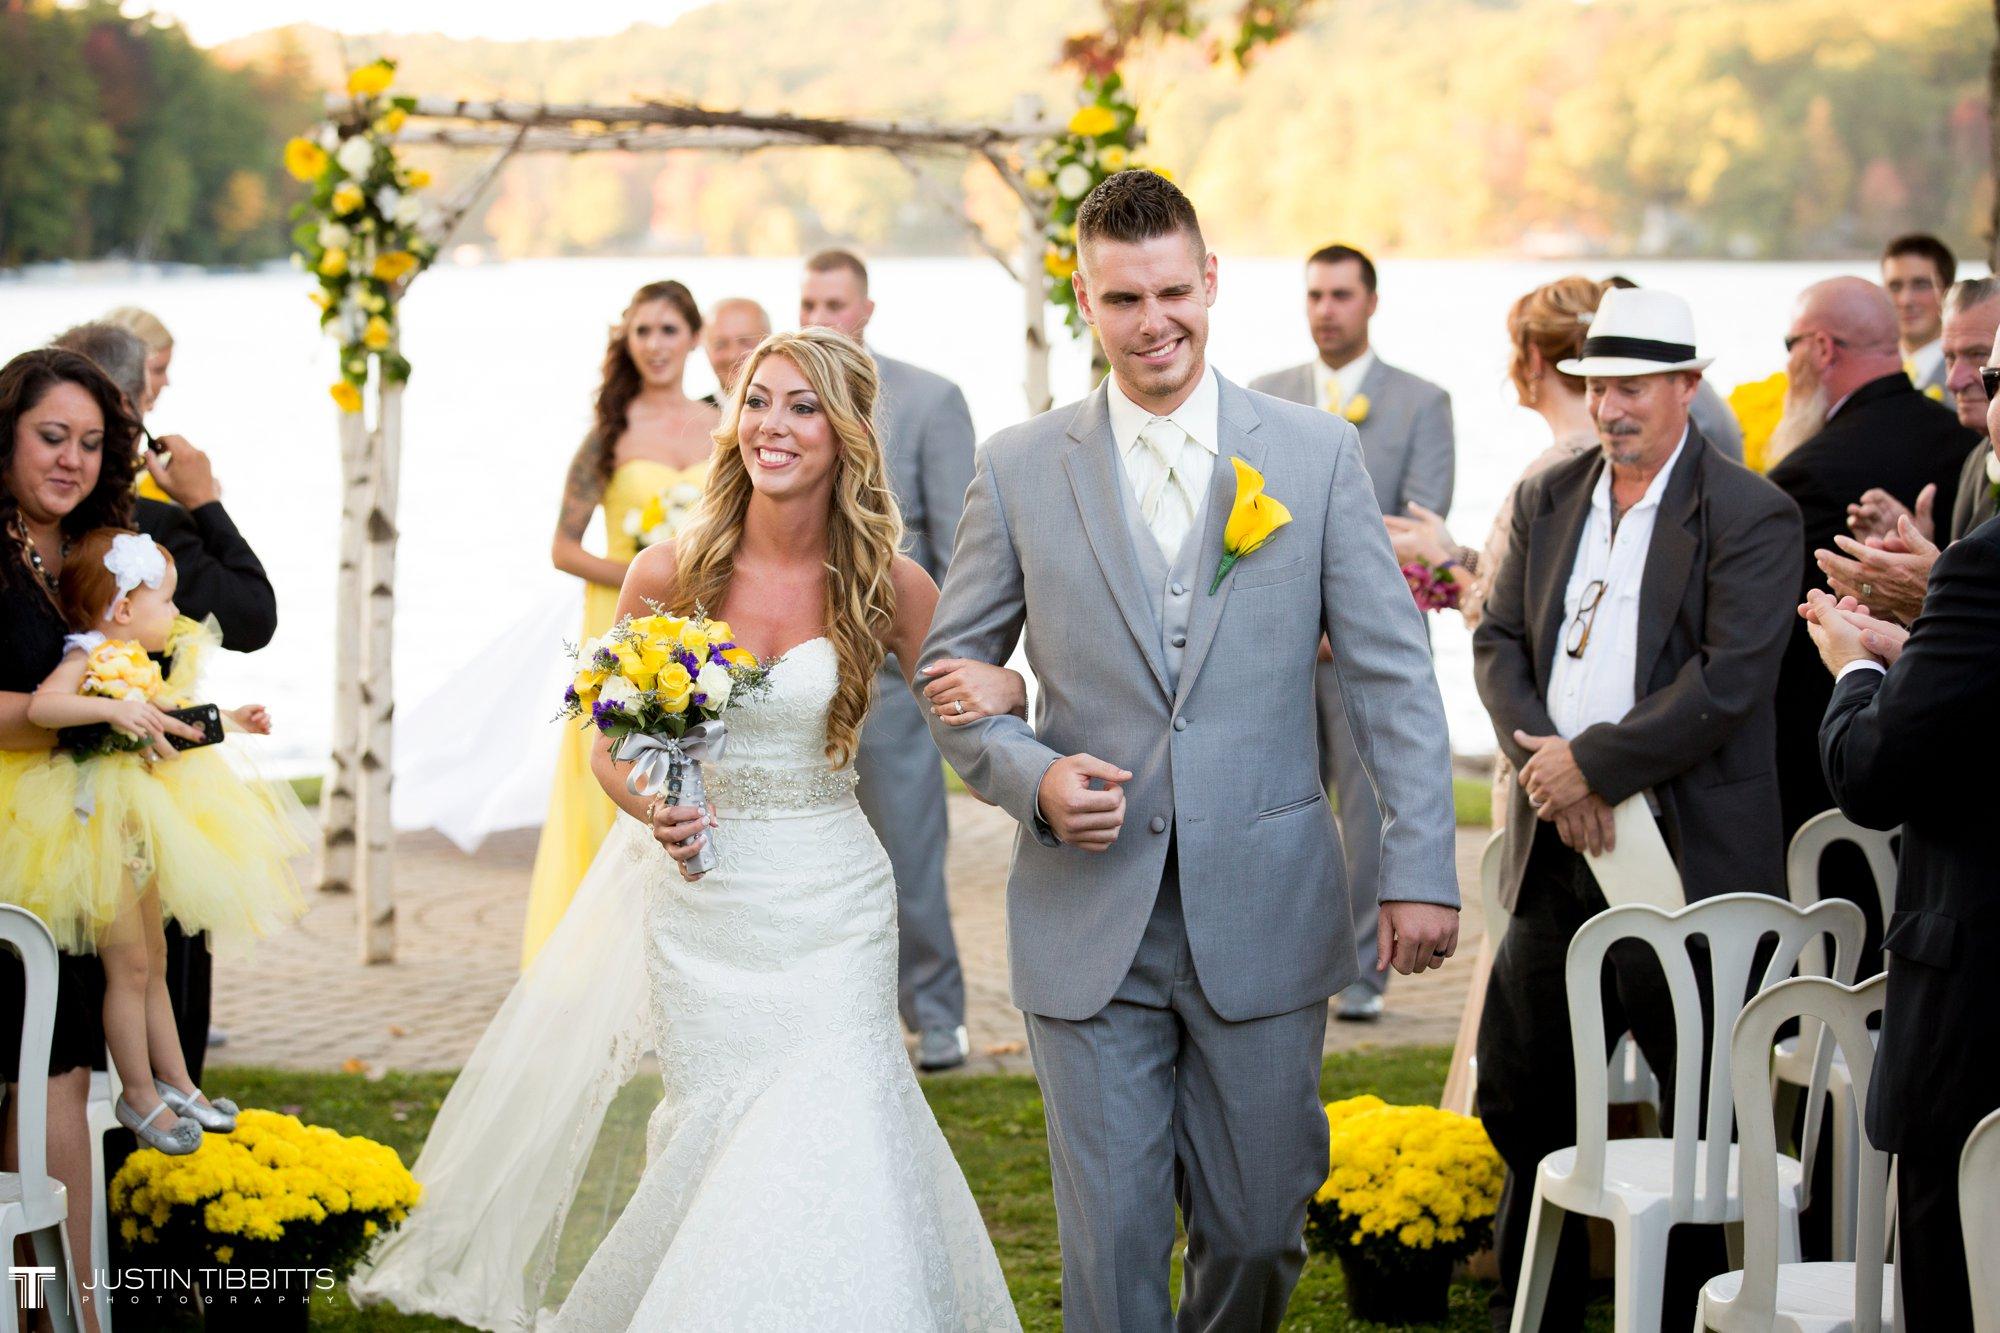 Albany NY Wedding Photographer Justin Tibbitts Photography 2014 Best of Albany NY Weddings-1104644314